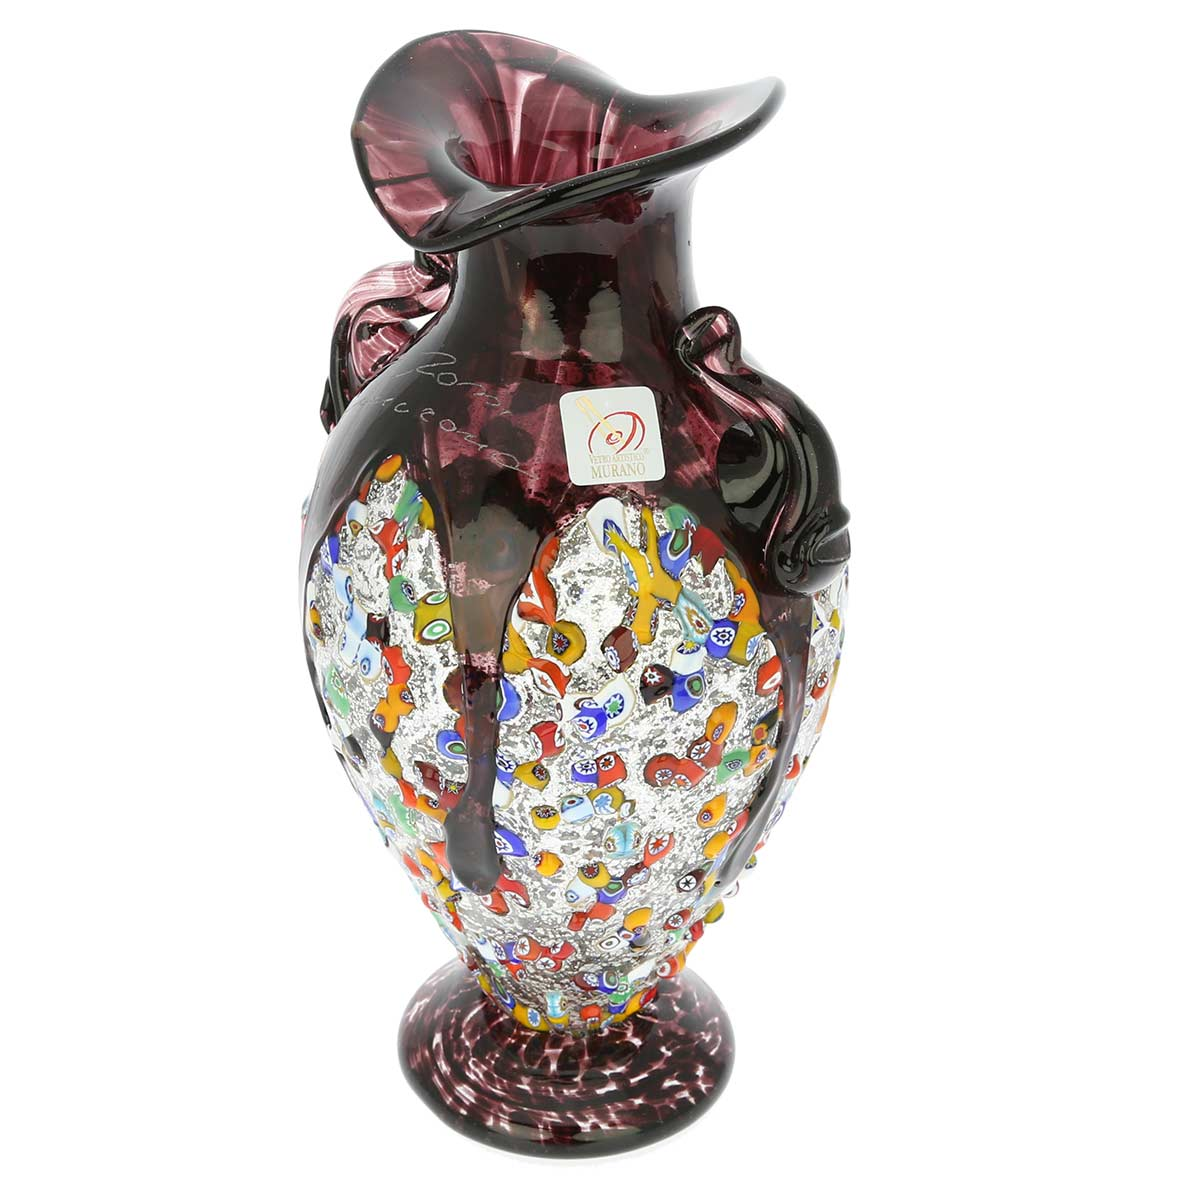 Murano Glass Millefiori Amphora Vase - Silver Amethyst